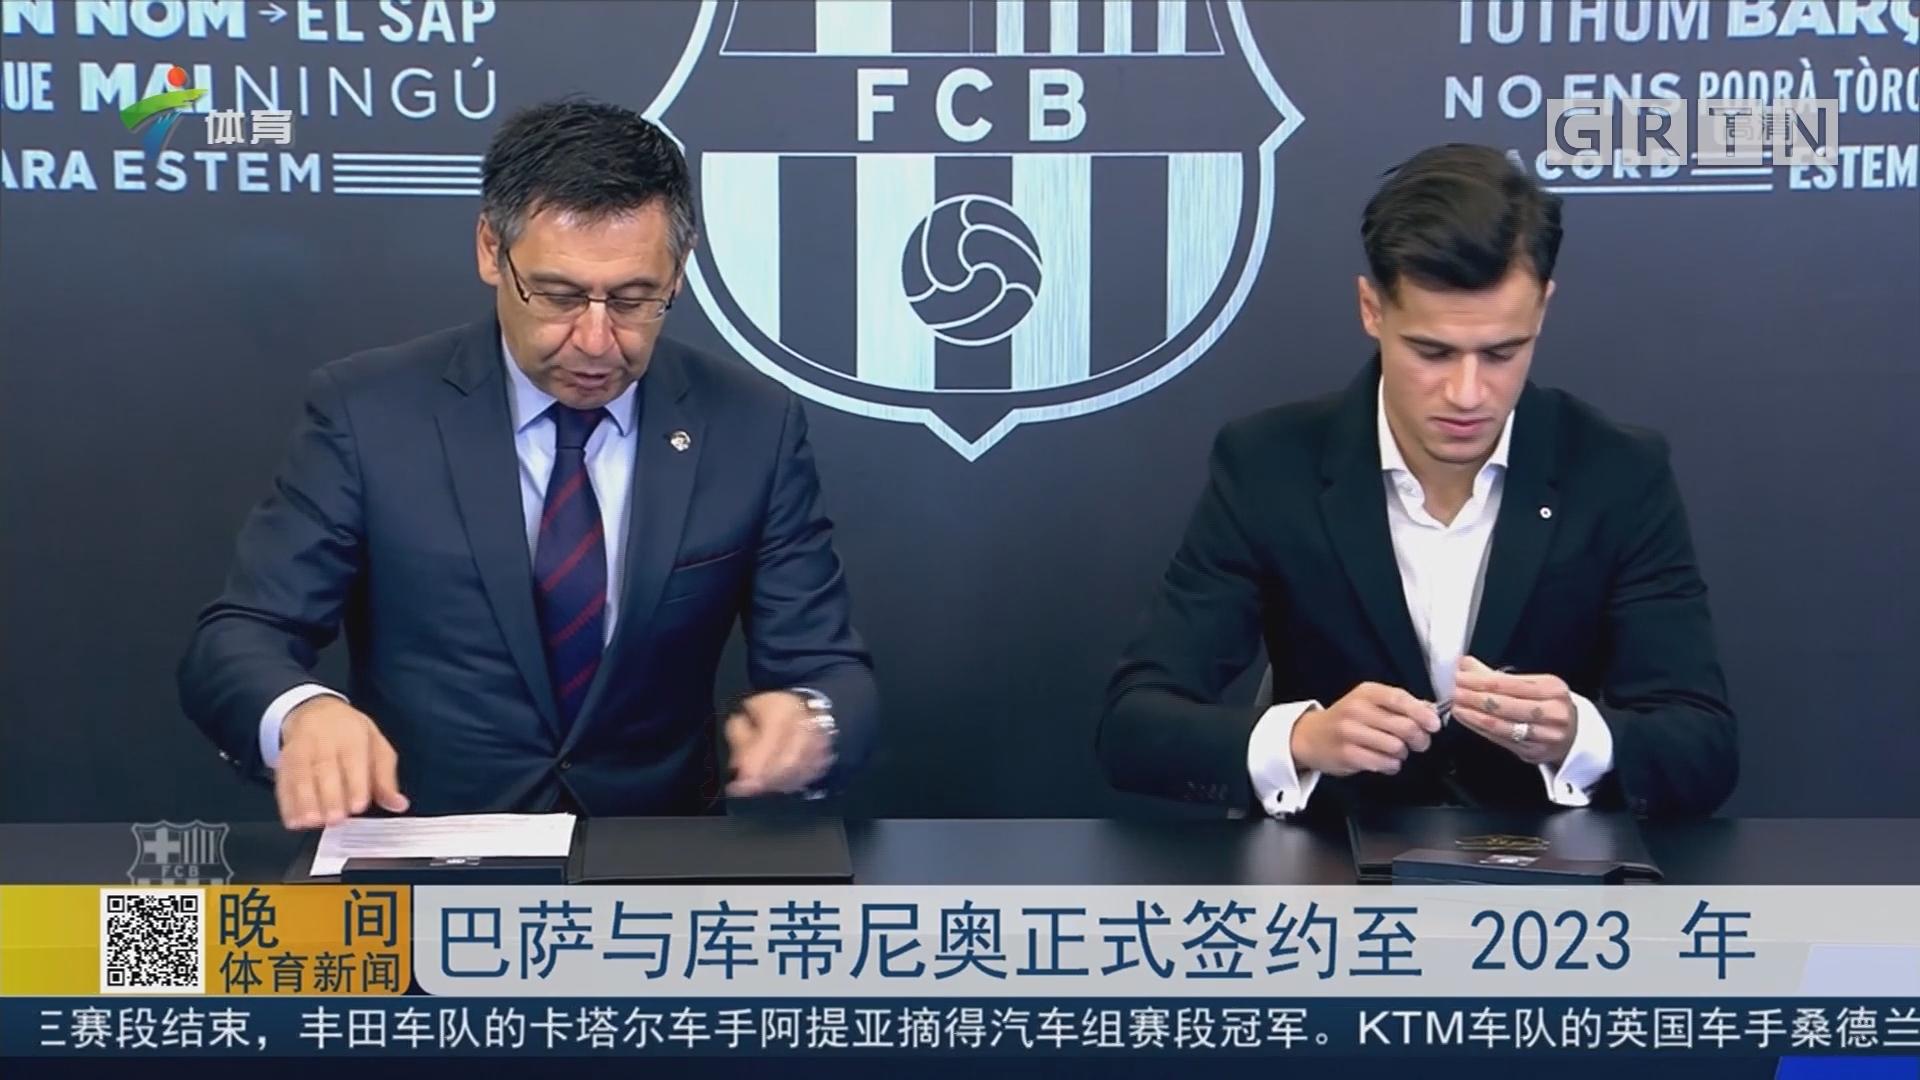 巴萨与库蒂尼奥正式签约至2023年